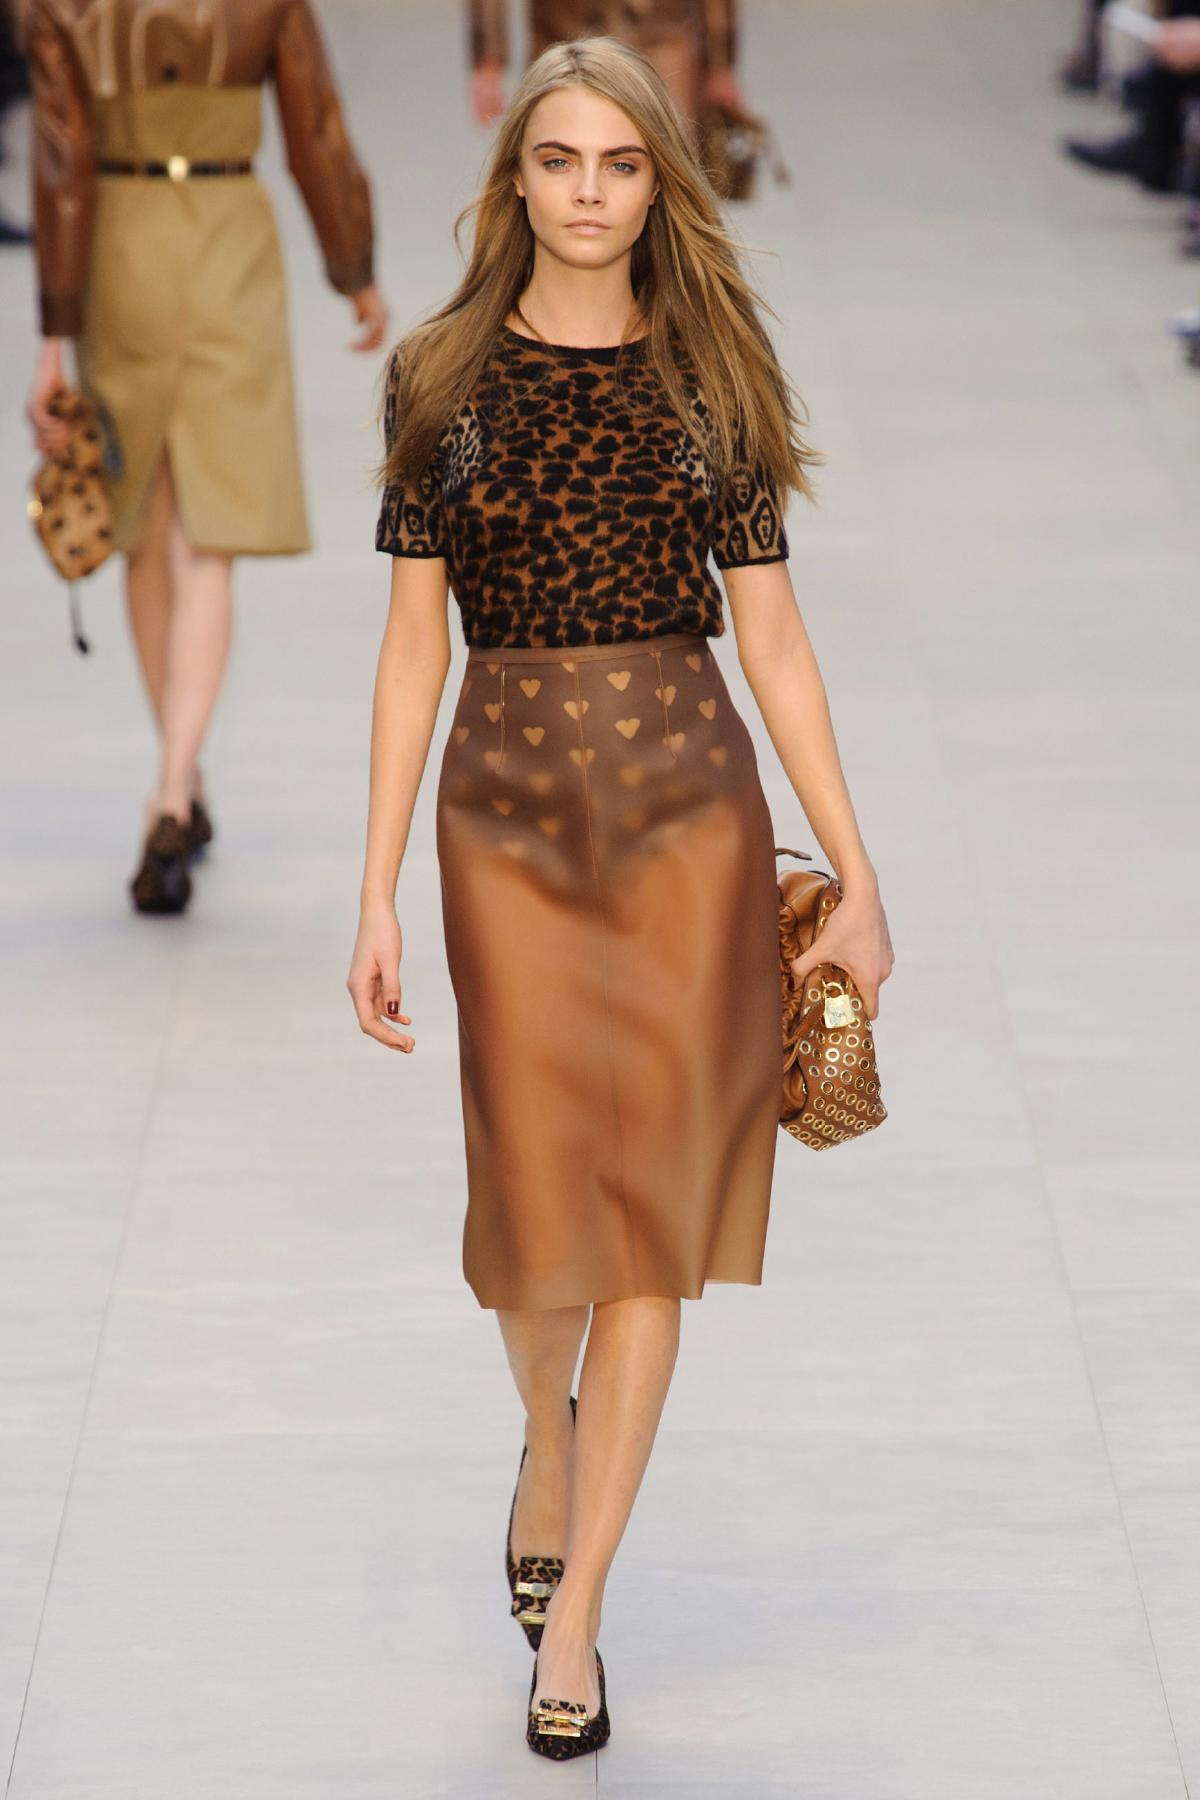 Models Feet- Model Feet At Fashion Week 33